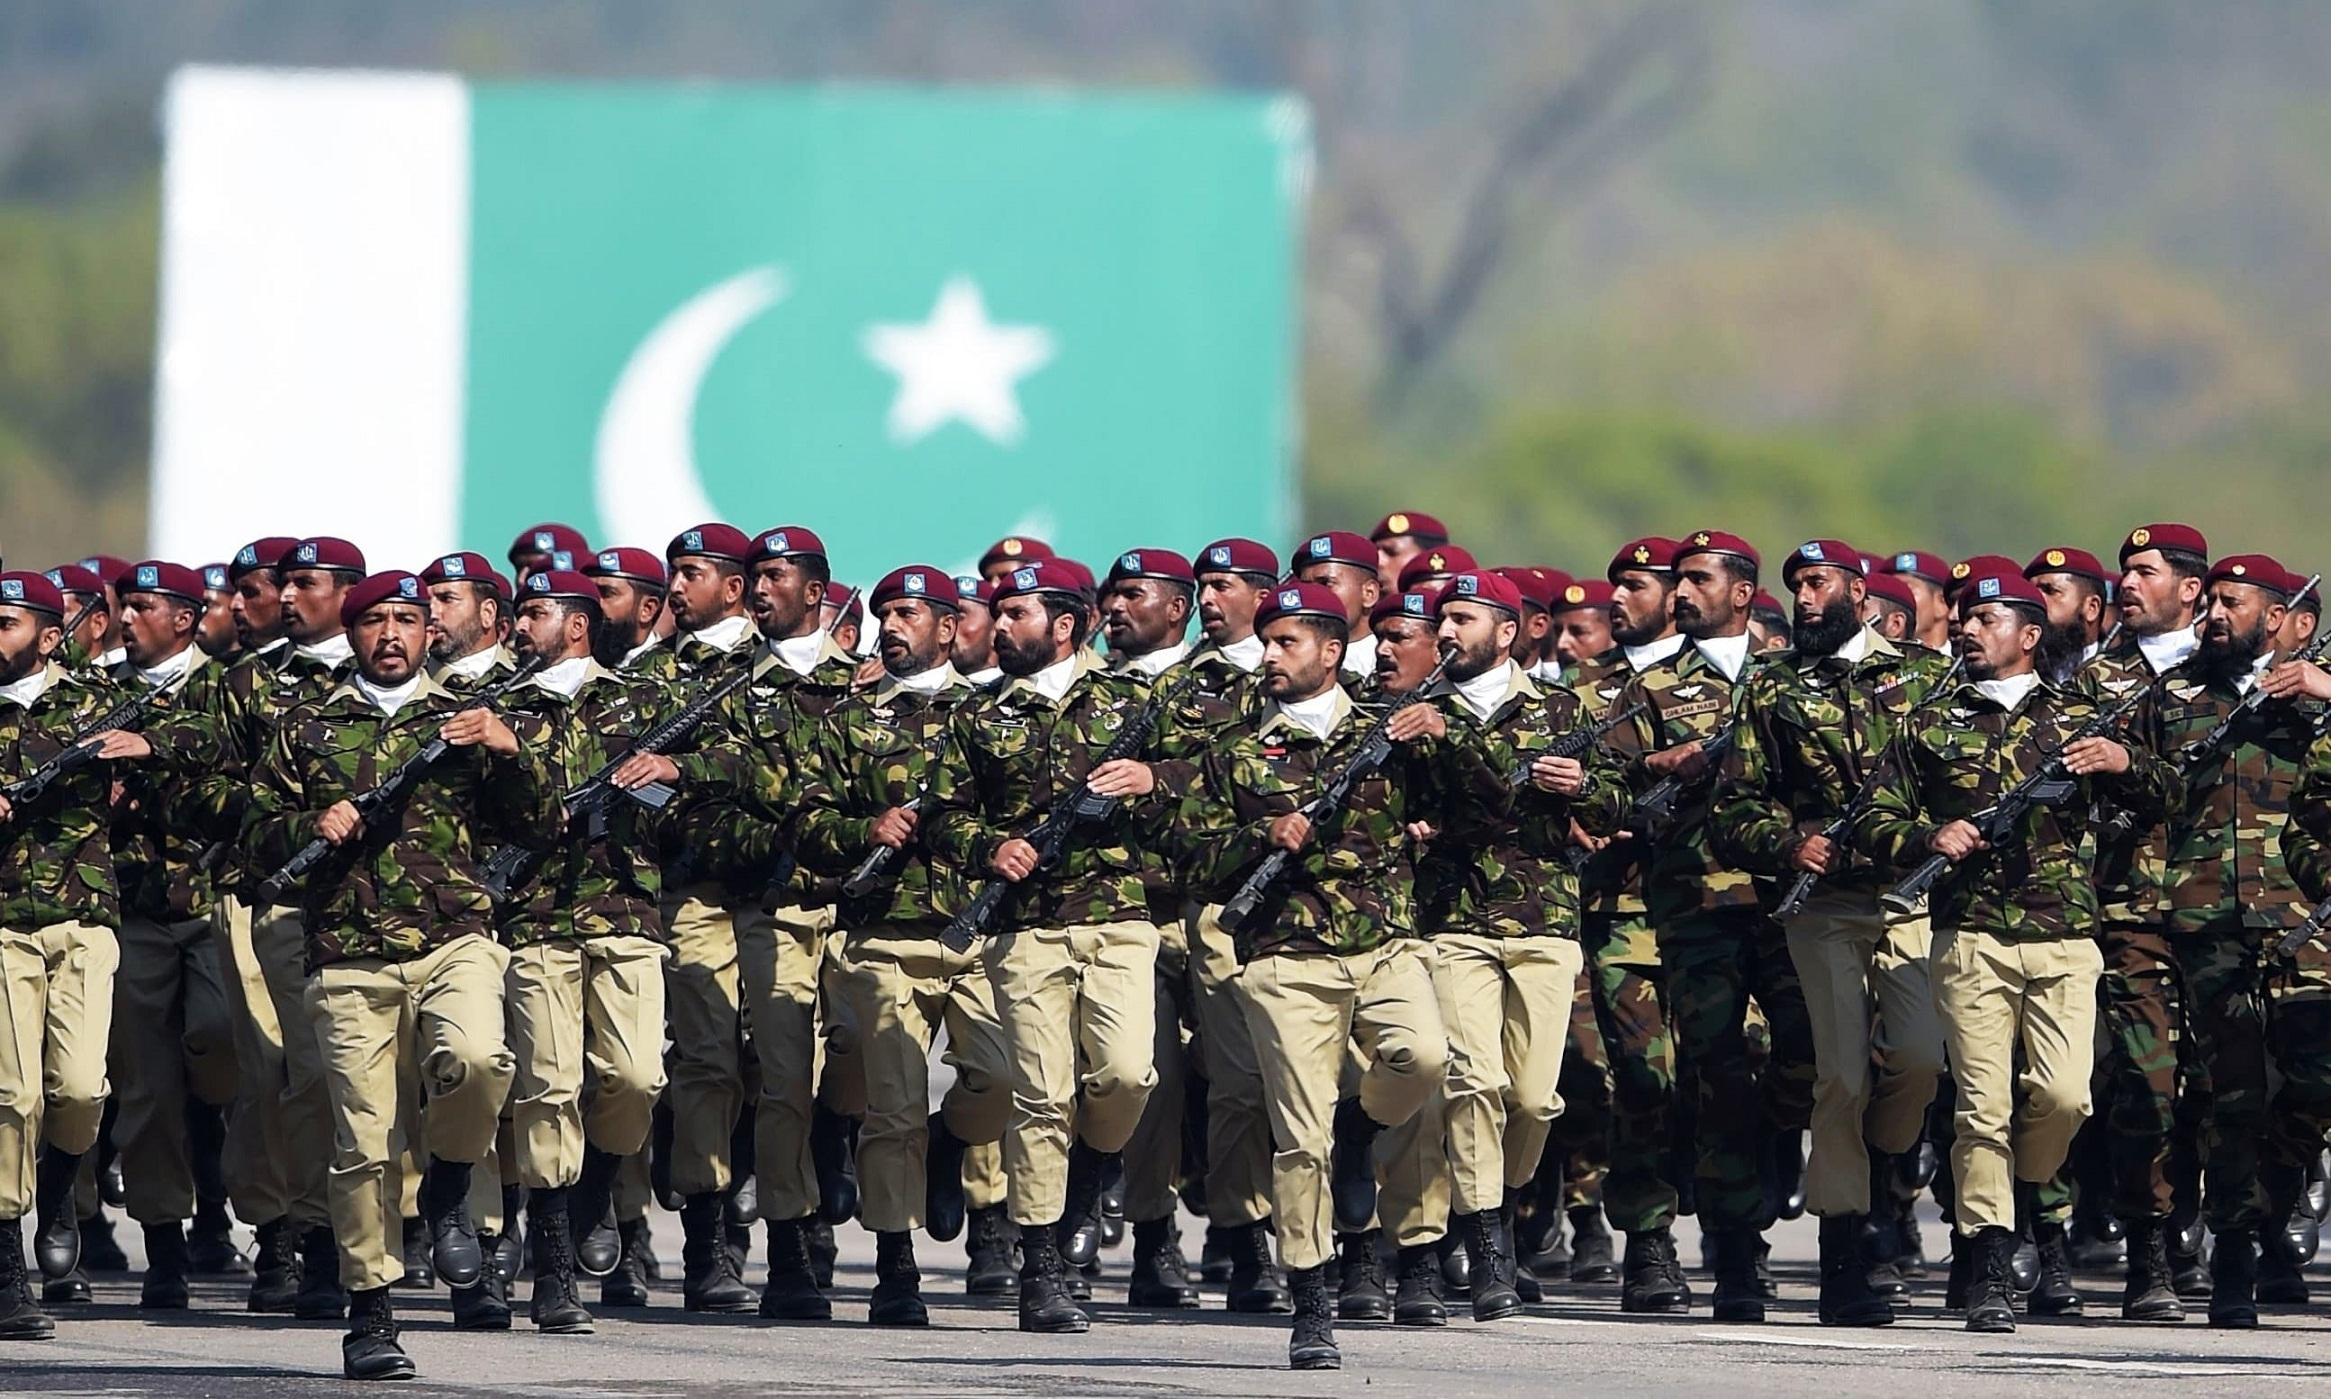 امریکہ کا پاکستان کے لیے فوجی تربیتی پروگرام دوبارہ شروع کرنے کا اعلان